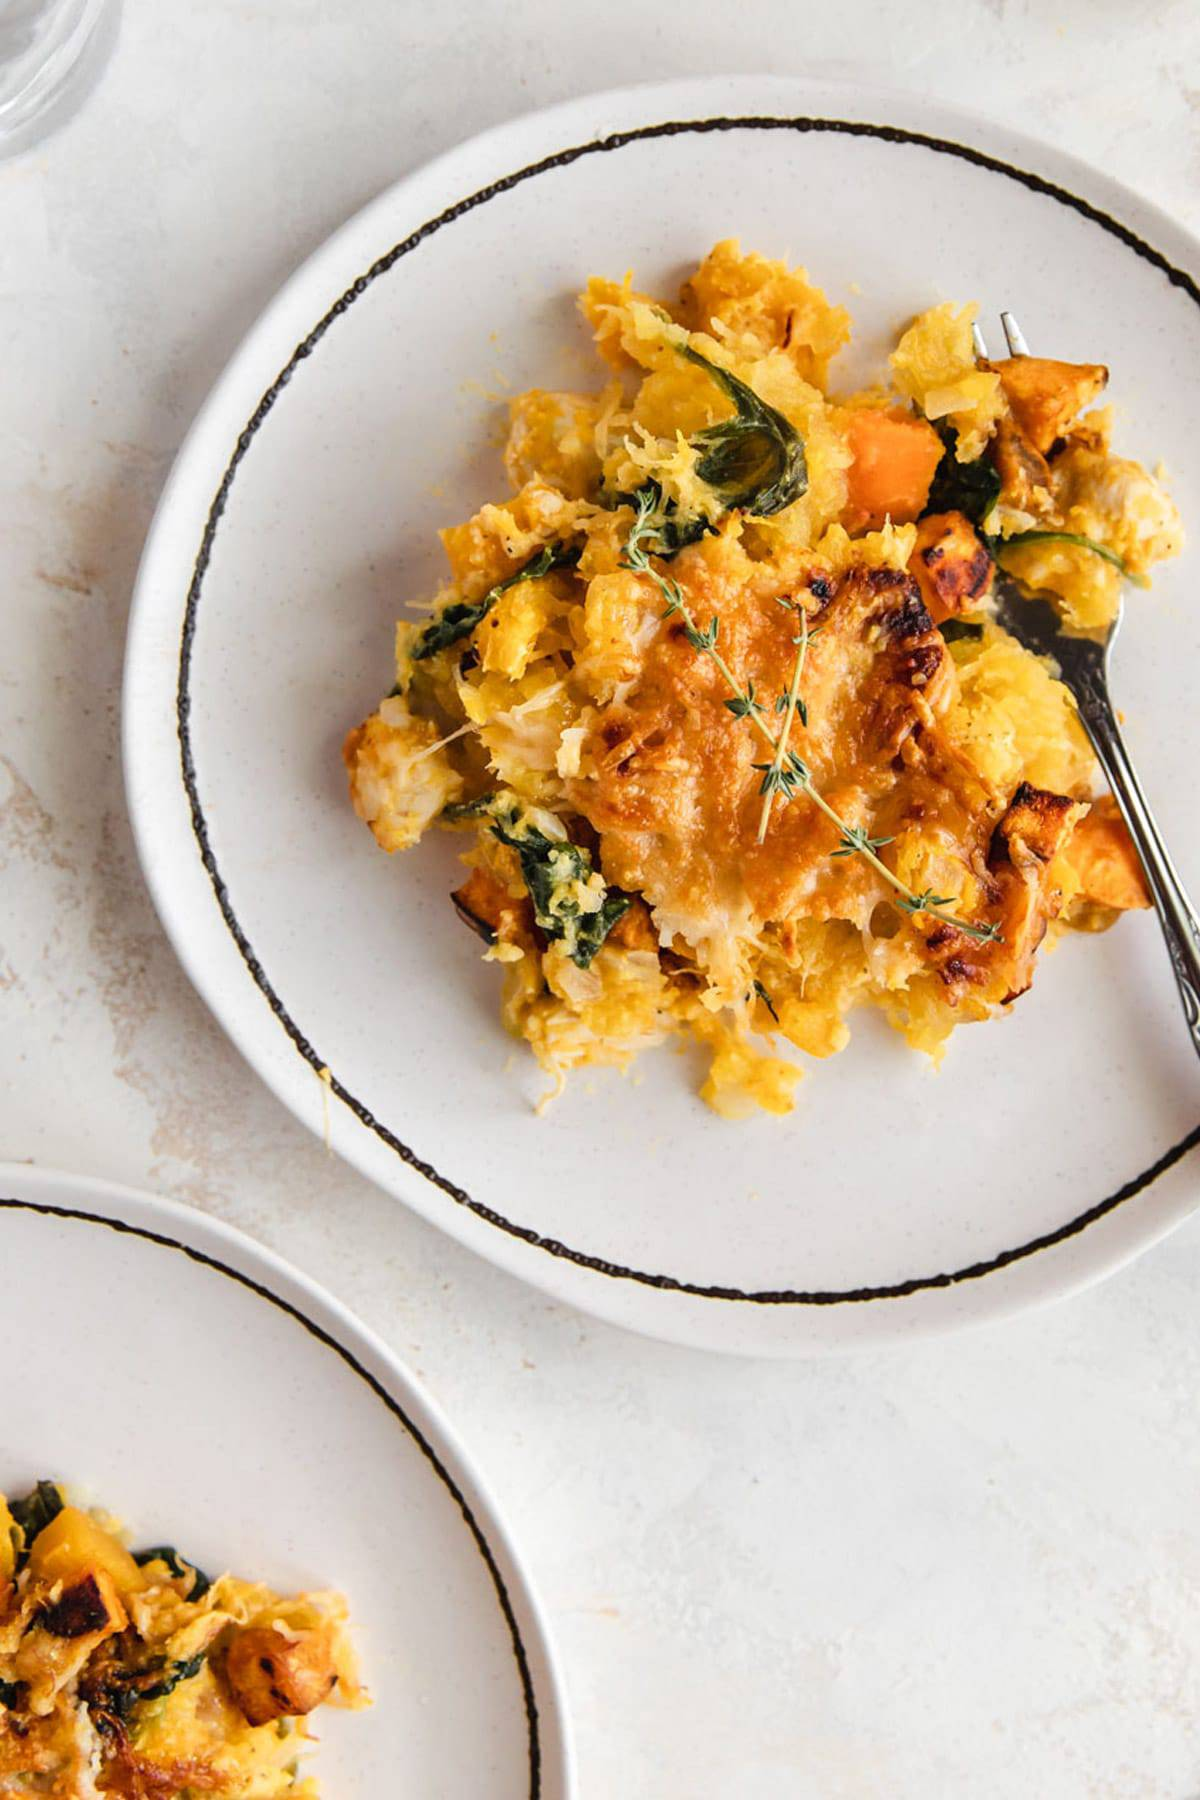 Pumpkin casserole on a plate.